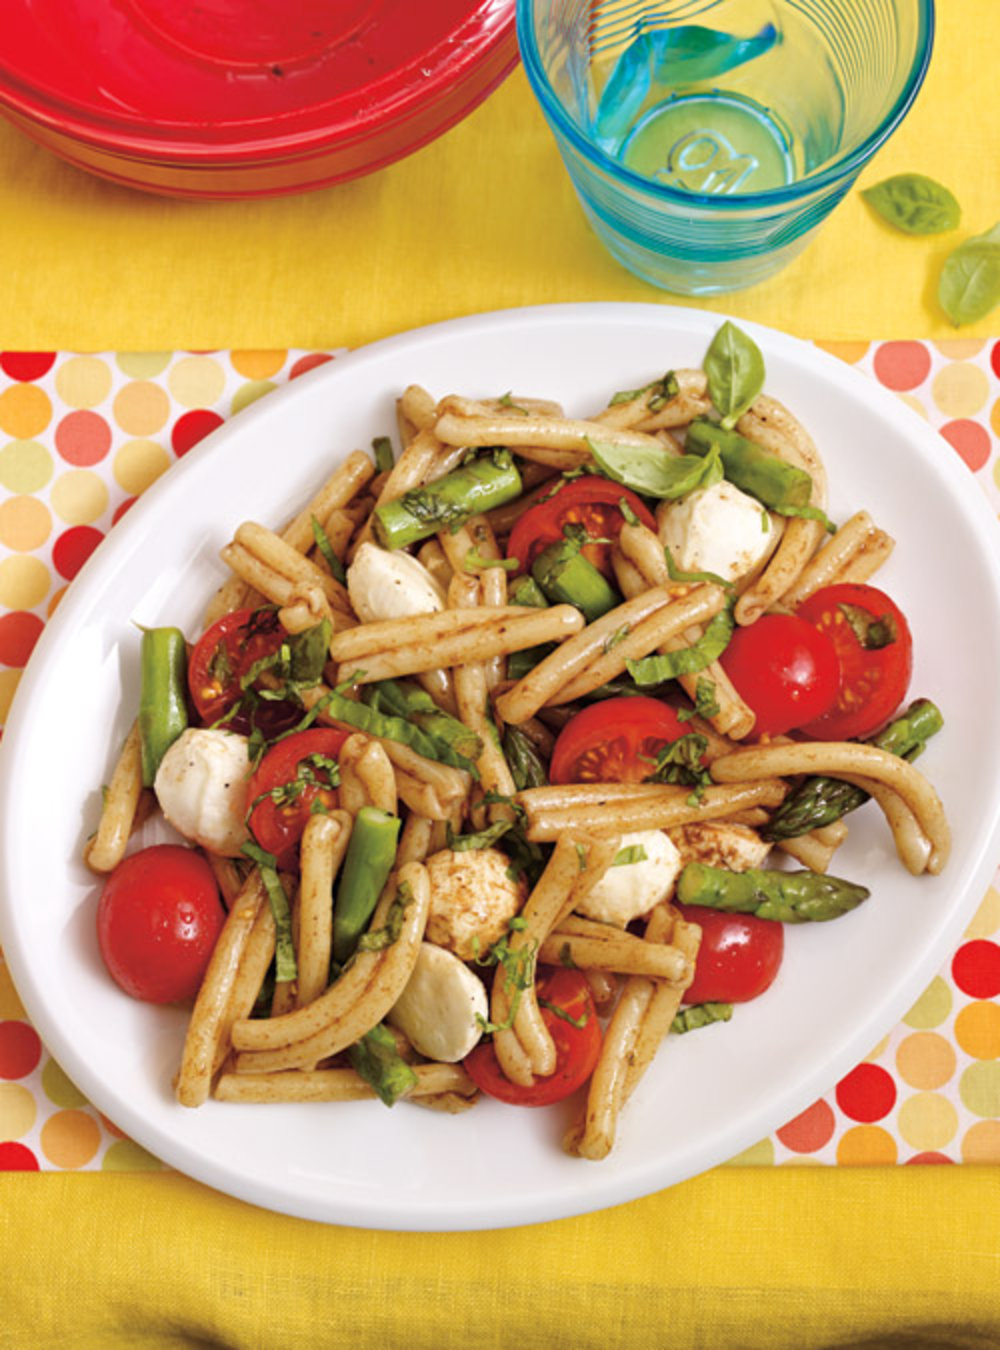 Salade de pâtes, d'asperges et de bocconcinis | ricardo